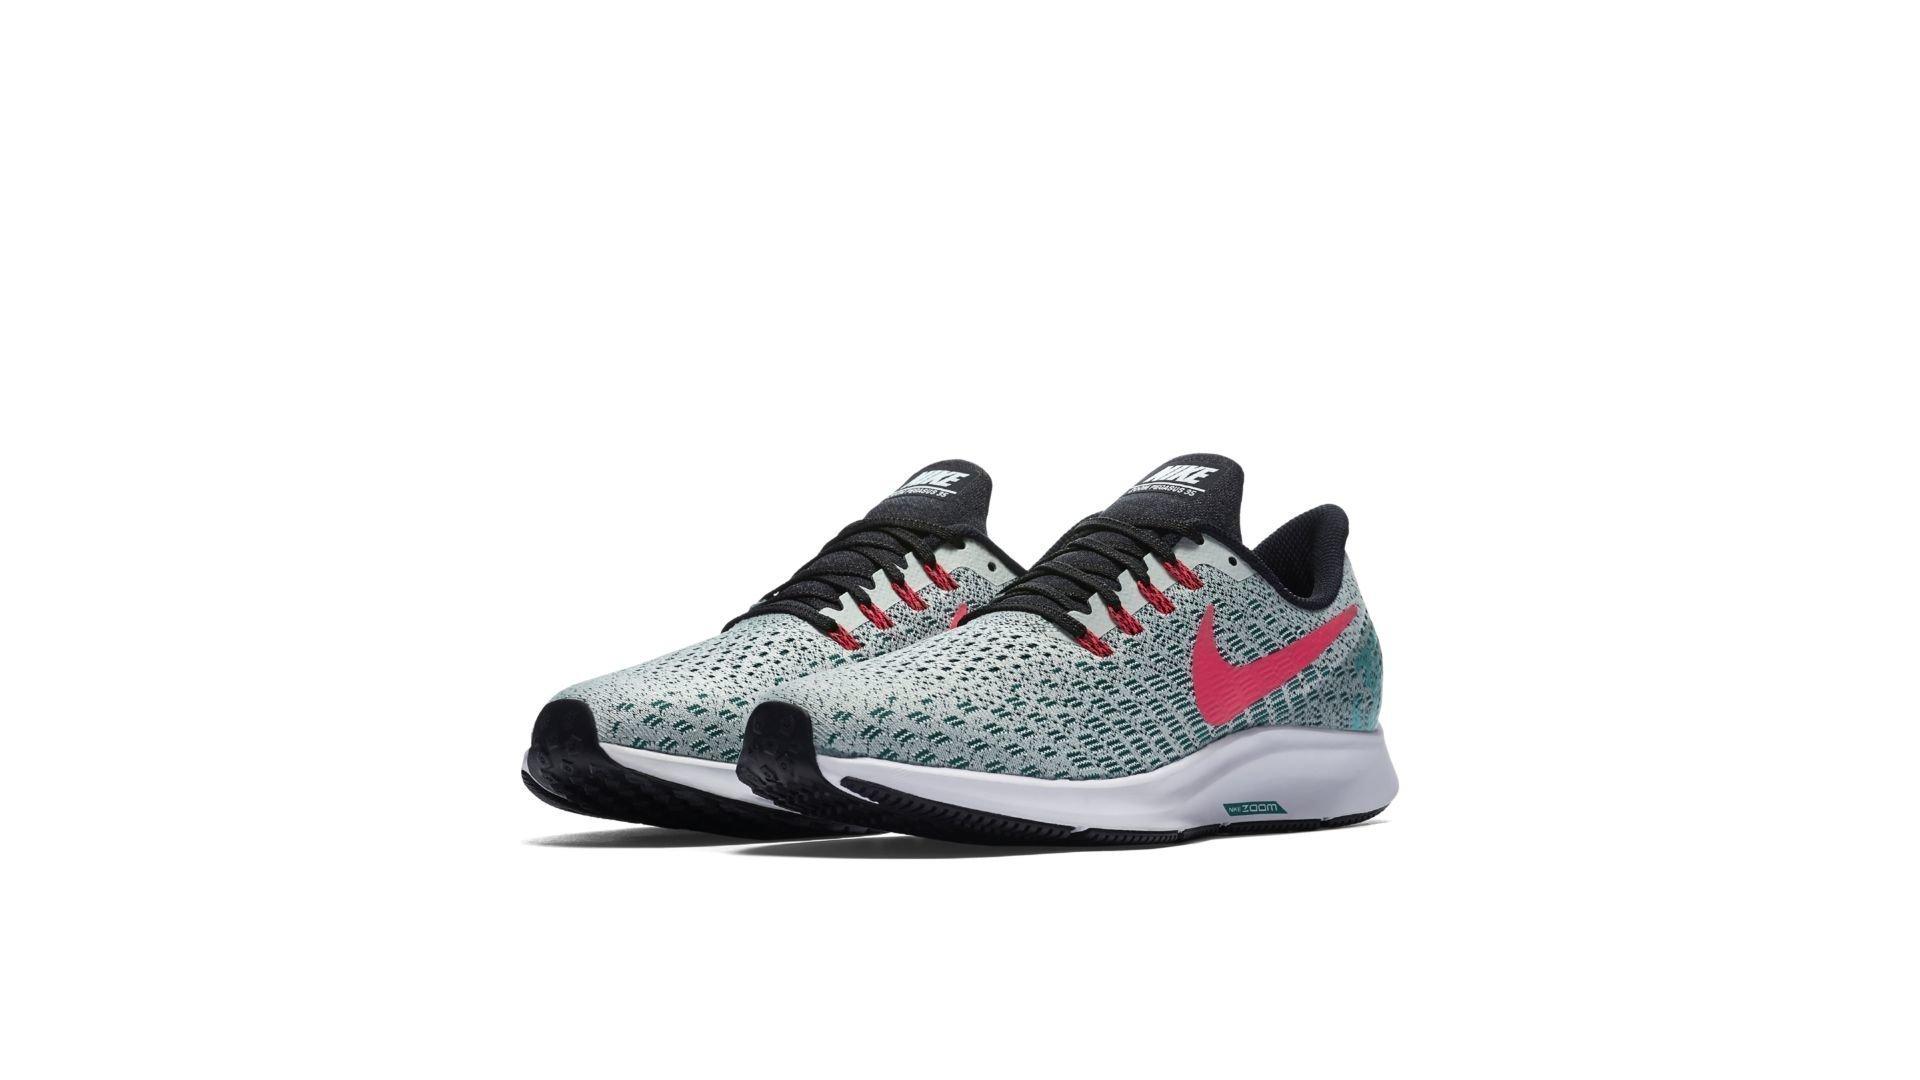 Nike Air Zoom Pegasus 35 Geode Teal (942851-009)